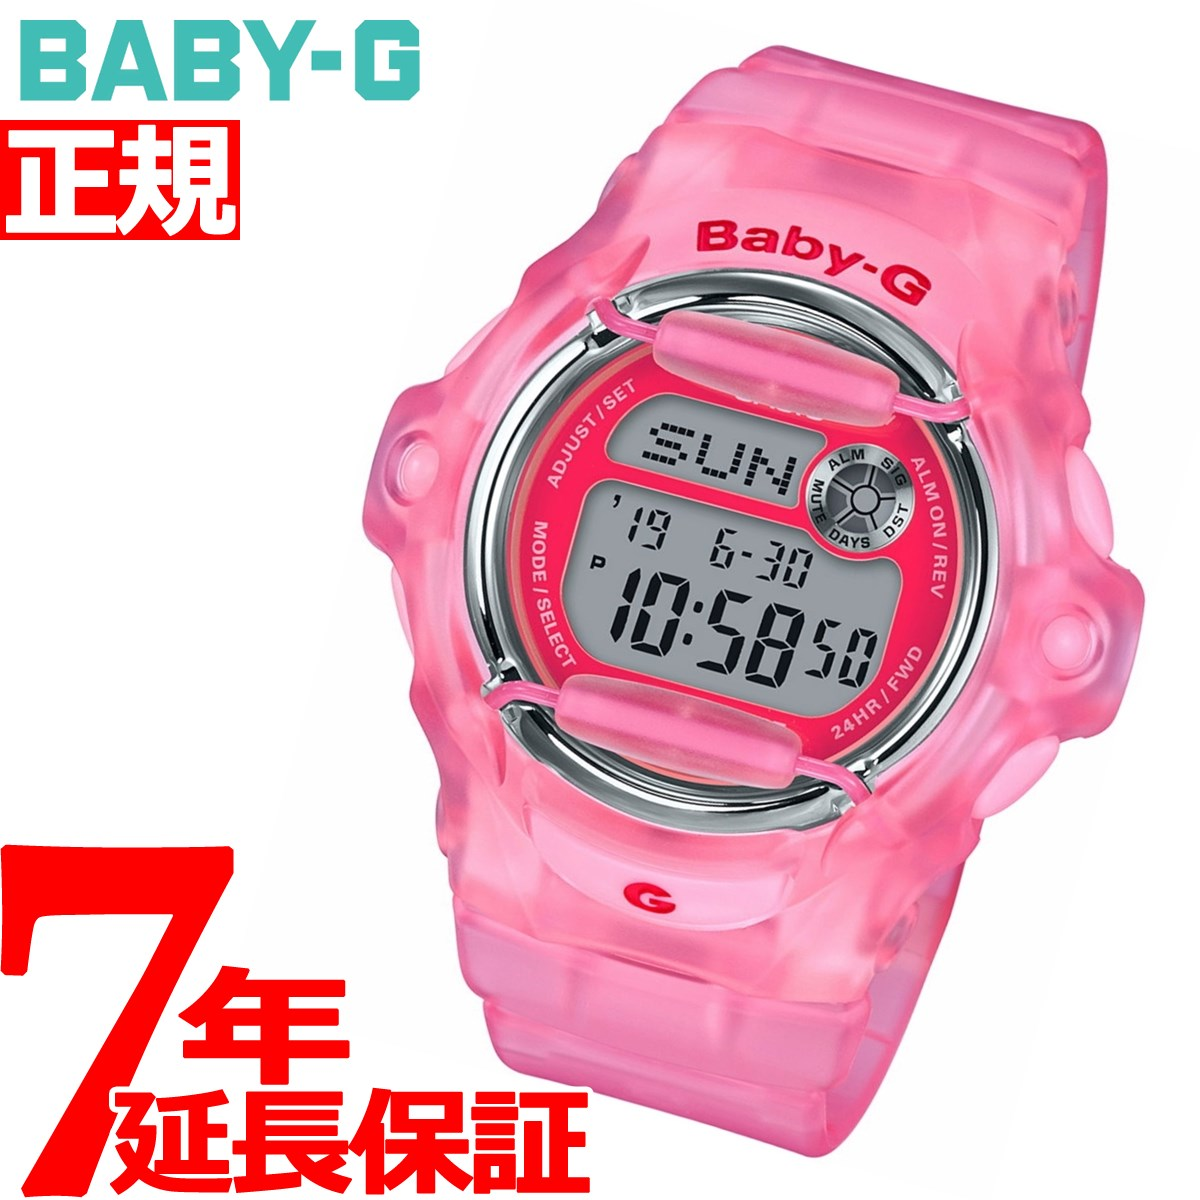 BABY-G カシオ ベビーG レディース 腕時計 BG-169R-4EJF【2018 新作】